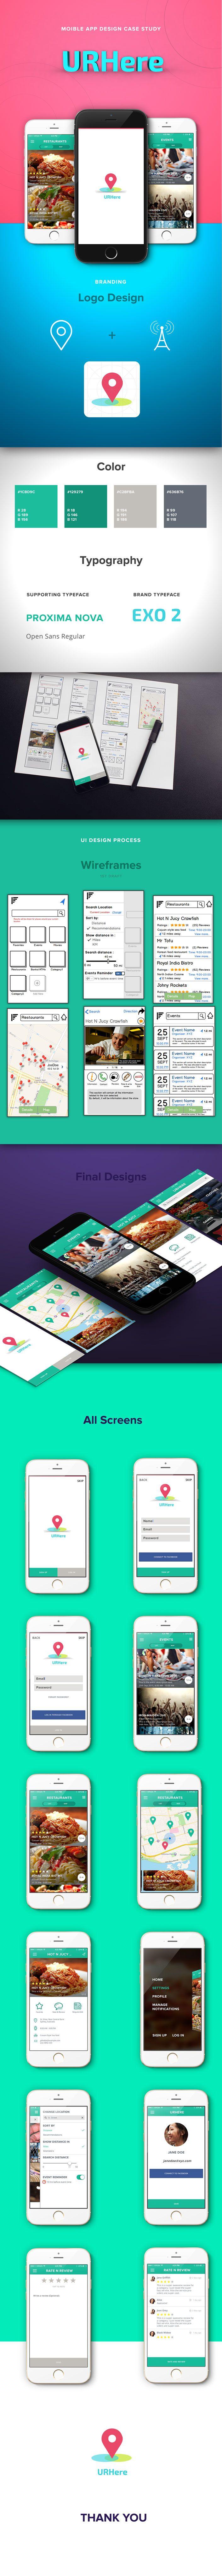 URHere | iOS App Design